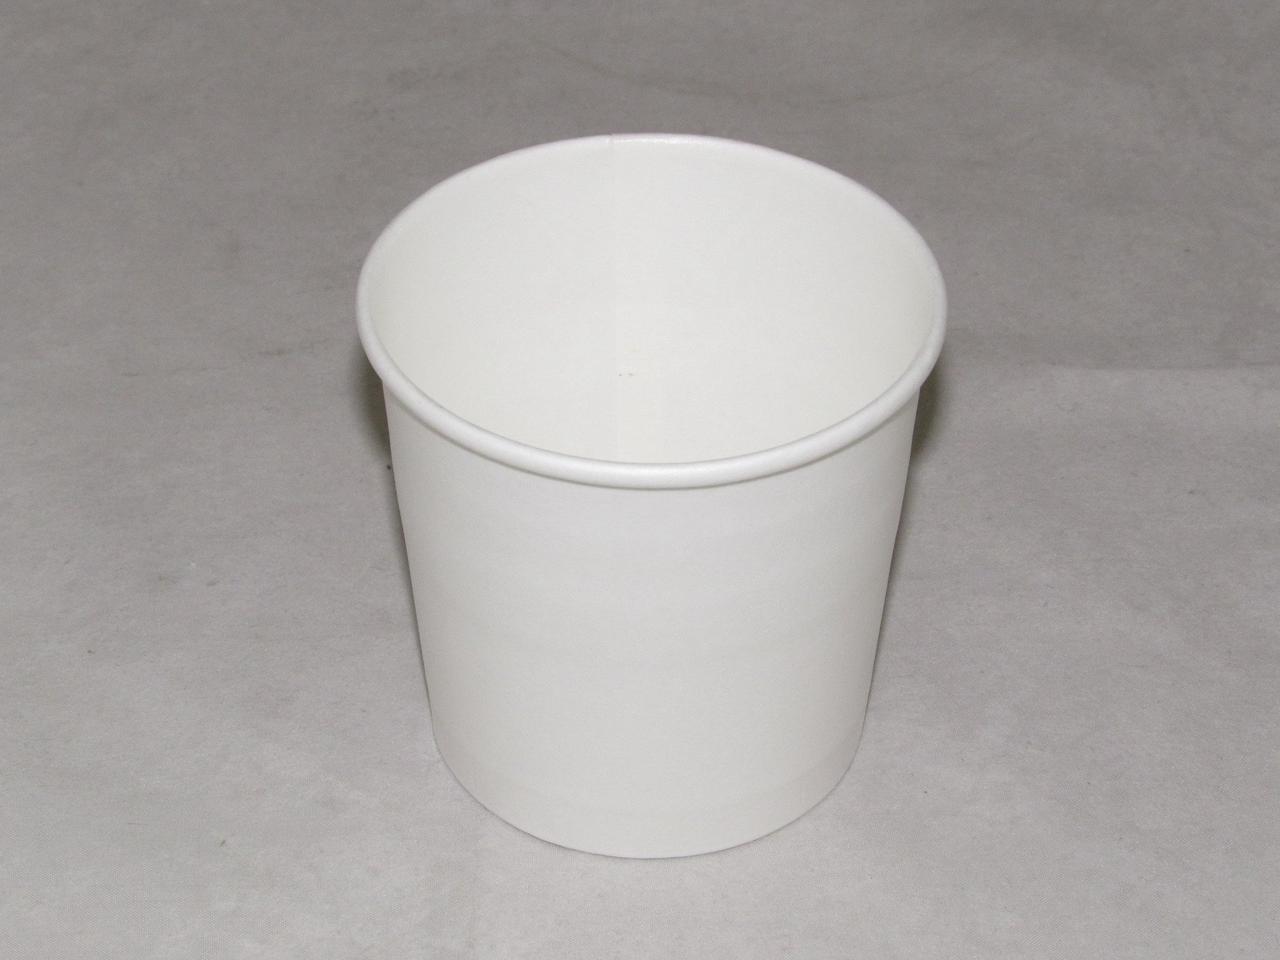 Контейнер с круглым дном 300 мл белый, 500 шт